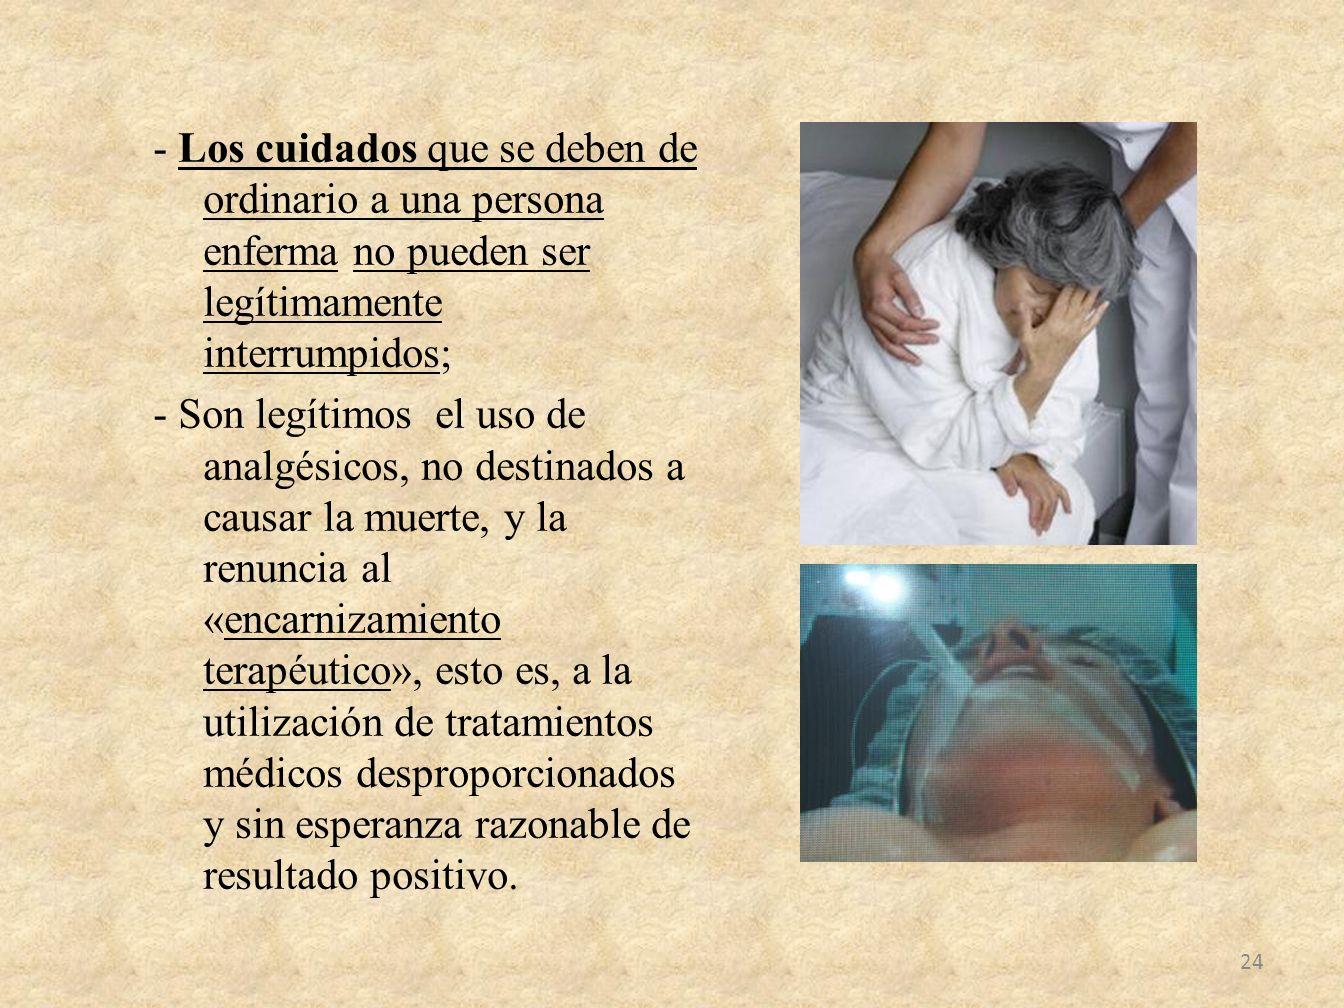 - Los cuidados que se deben de ordinario a una persona enferma no pueden ser legítimamente interrumpidos; - Son legítimos el uso de analgésicos, no de